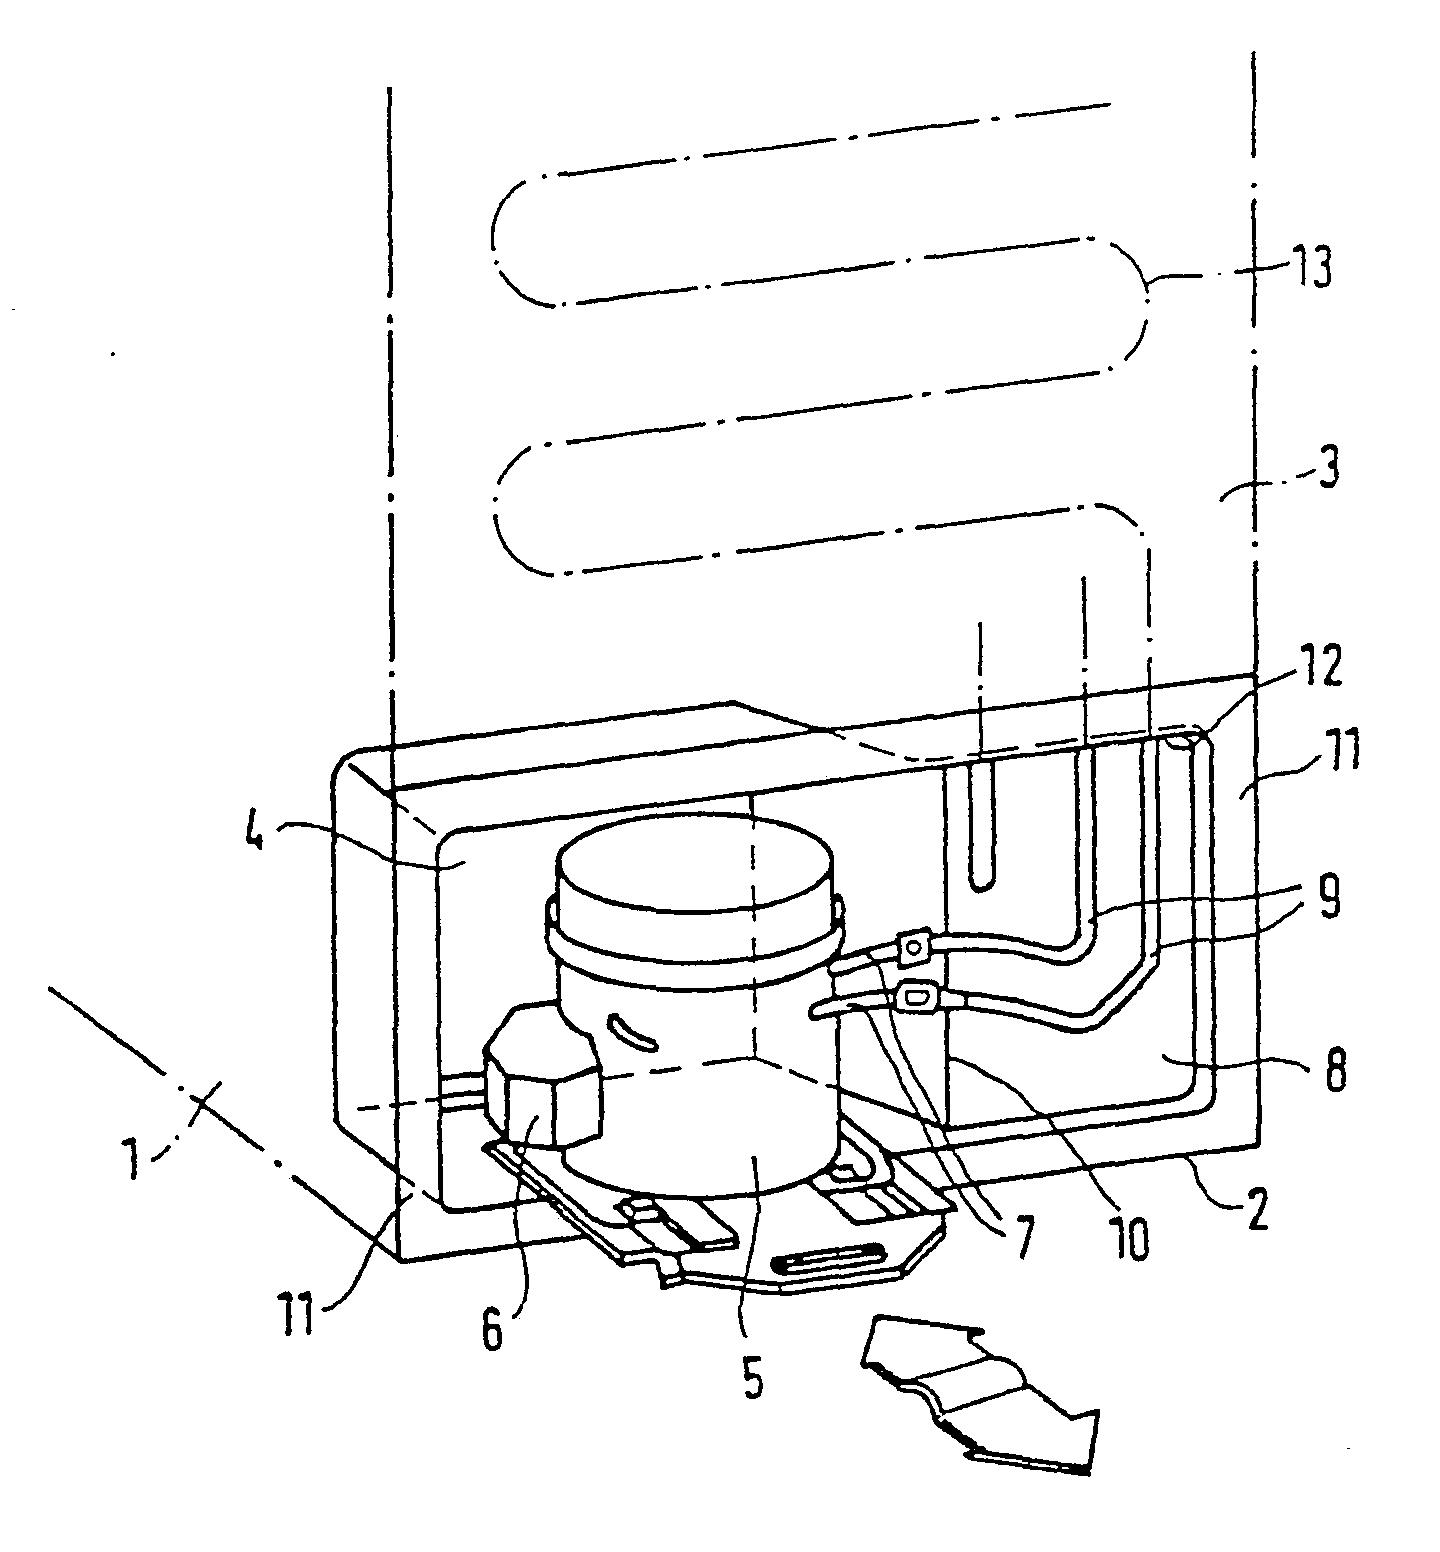 patent ep0127791b2 k hlger t mit einer nische f r einen motorkompressor google patents. Black Bedroom Furniture Sets. Home Design Ideas